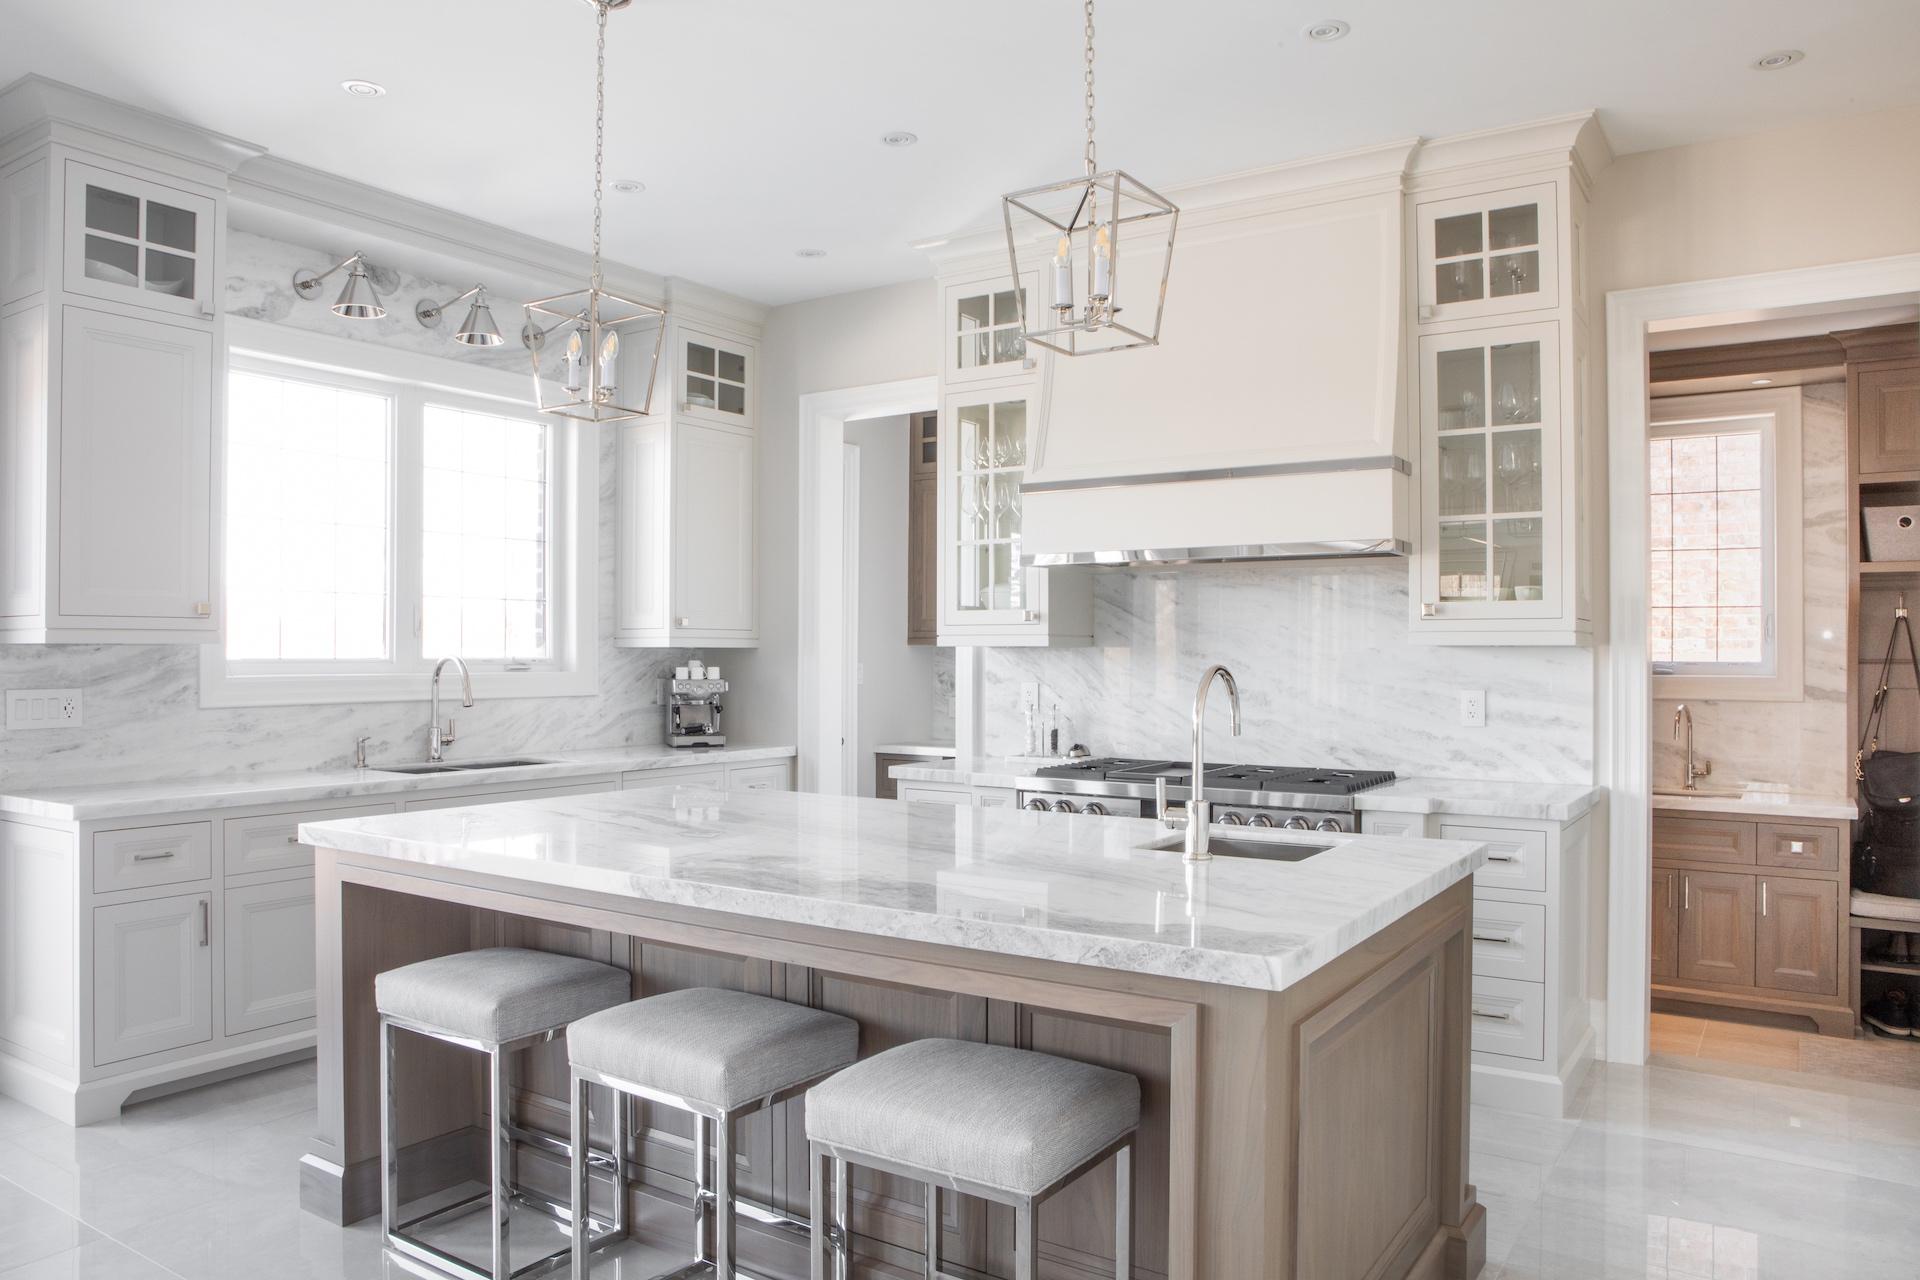 White and grey NIICO kitchen